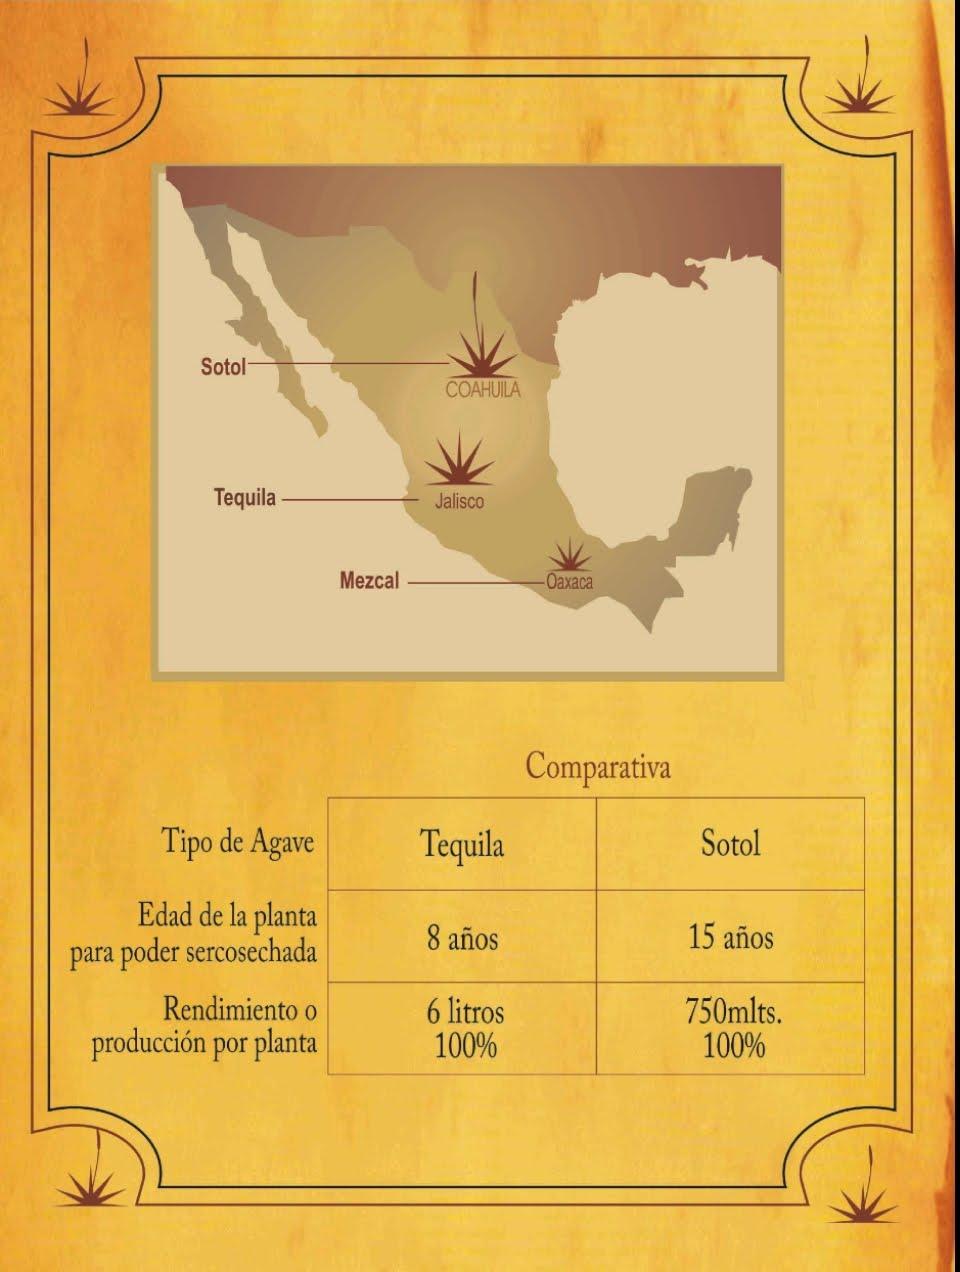 DENOMINACIONES DE ORÍGEN DEL AGAVE MEXICANO